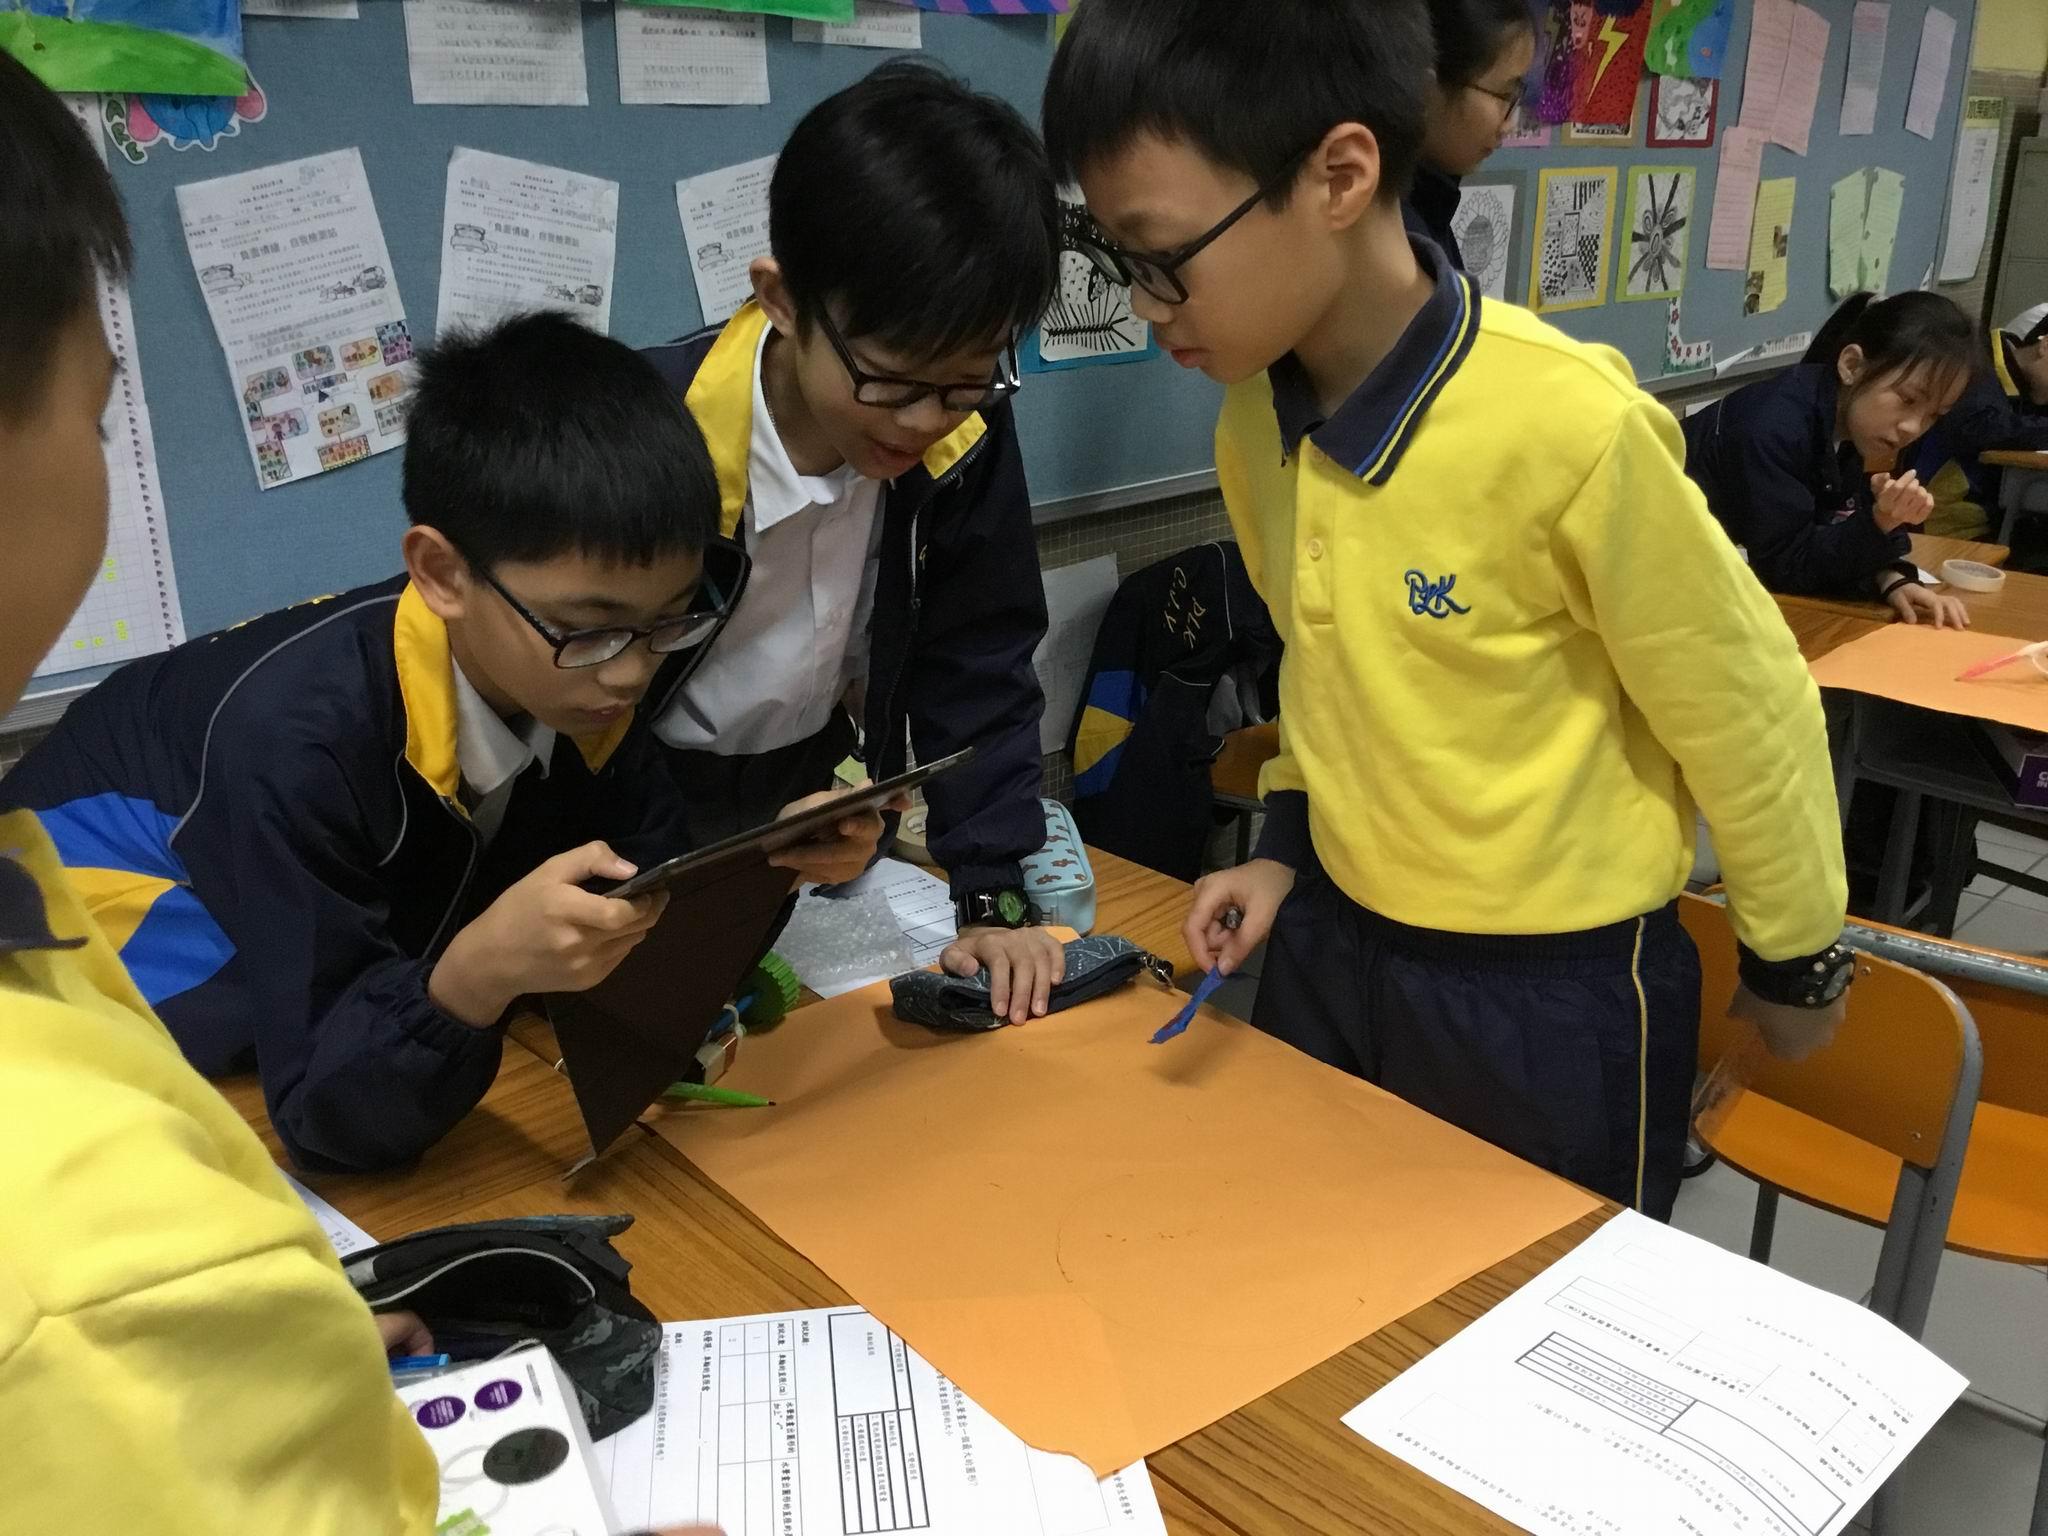 https://plkcjy.edu.hk/sites/default/files/diao_zheng_da_xiao_img_0896.jpg